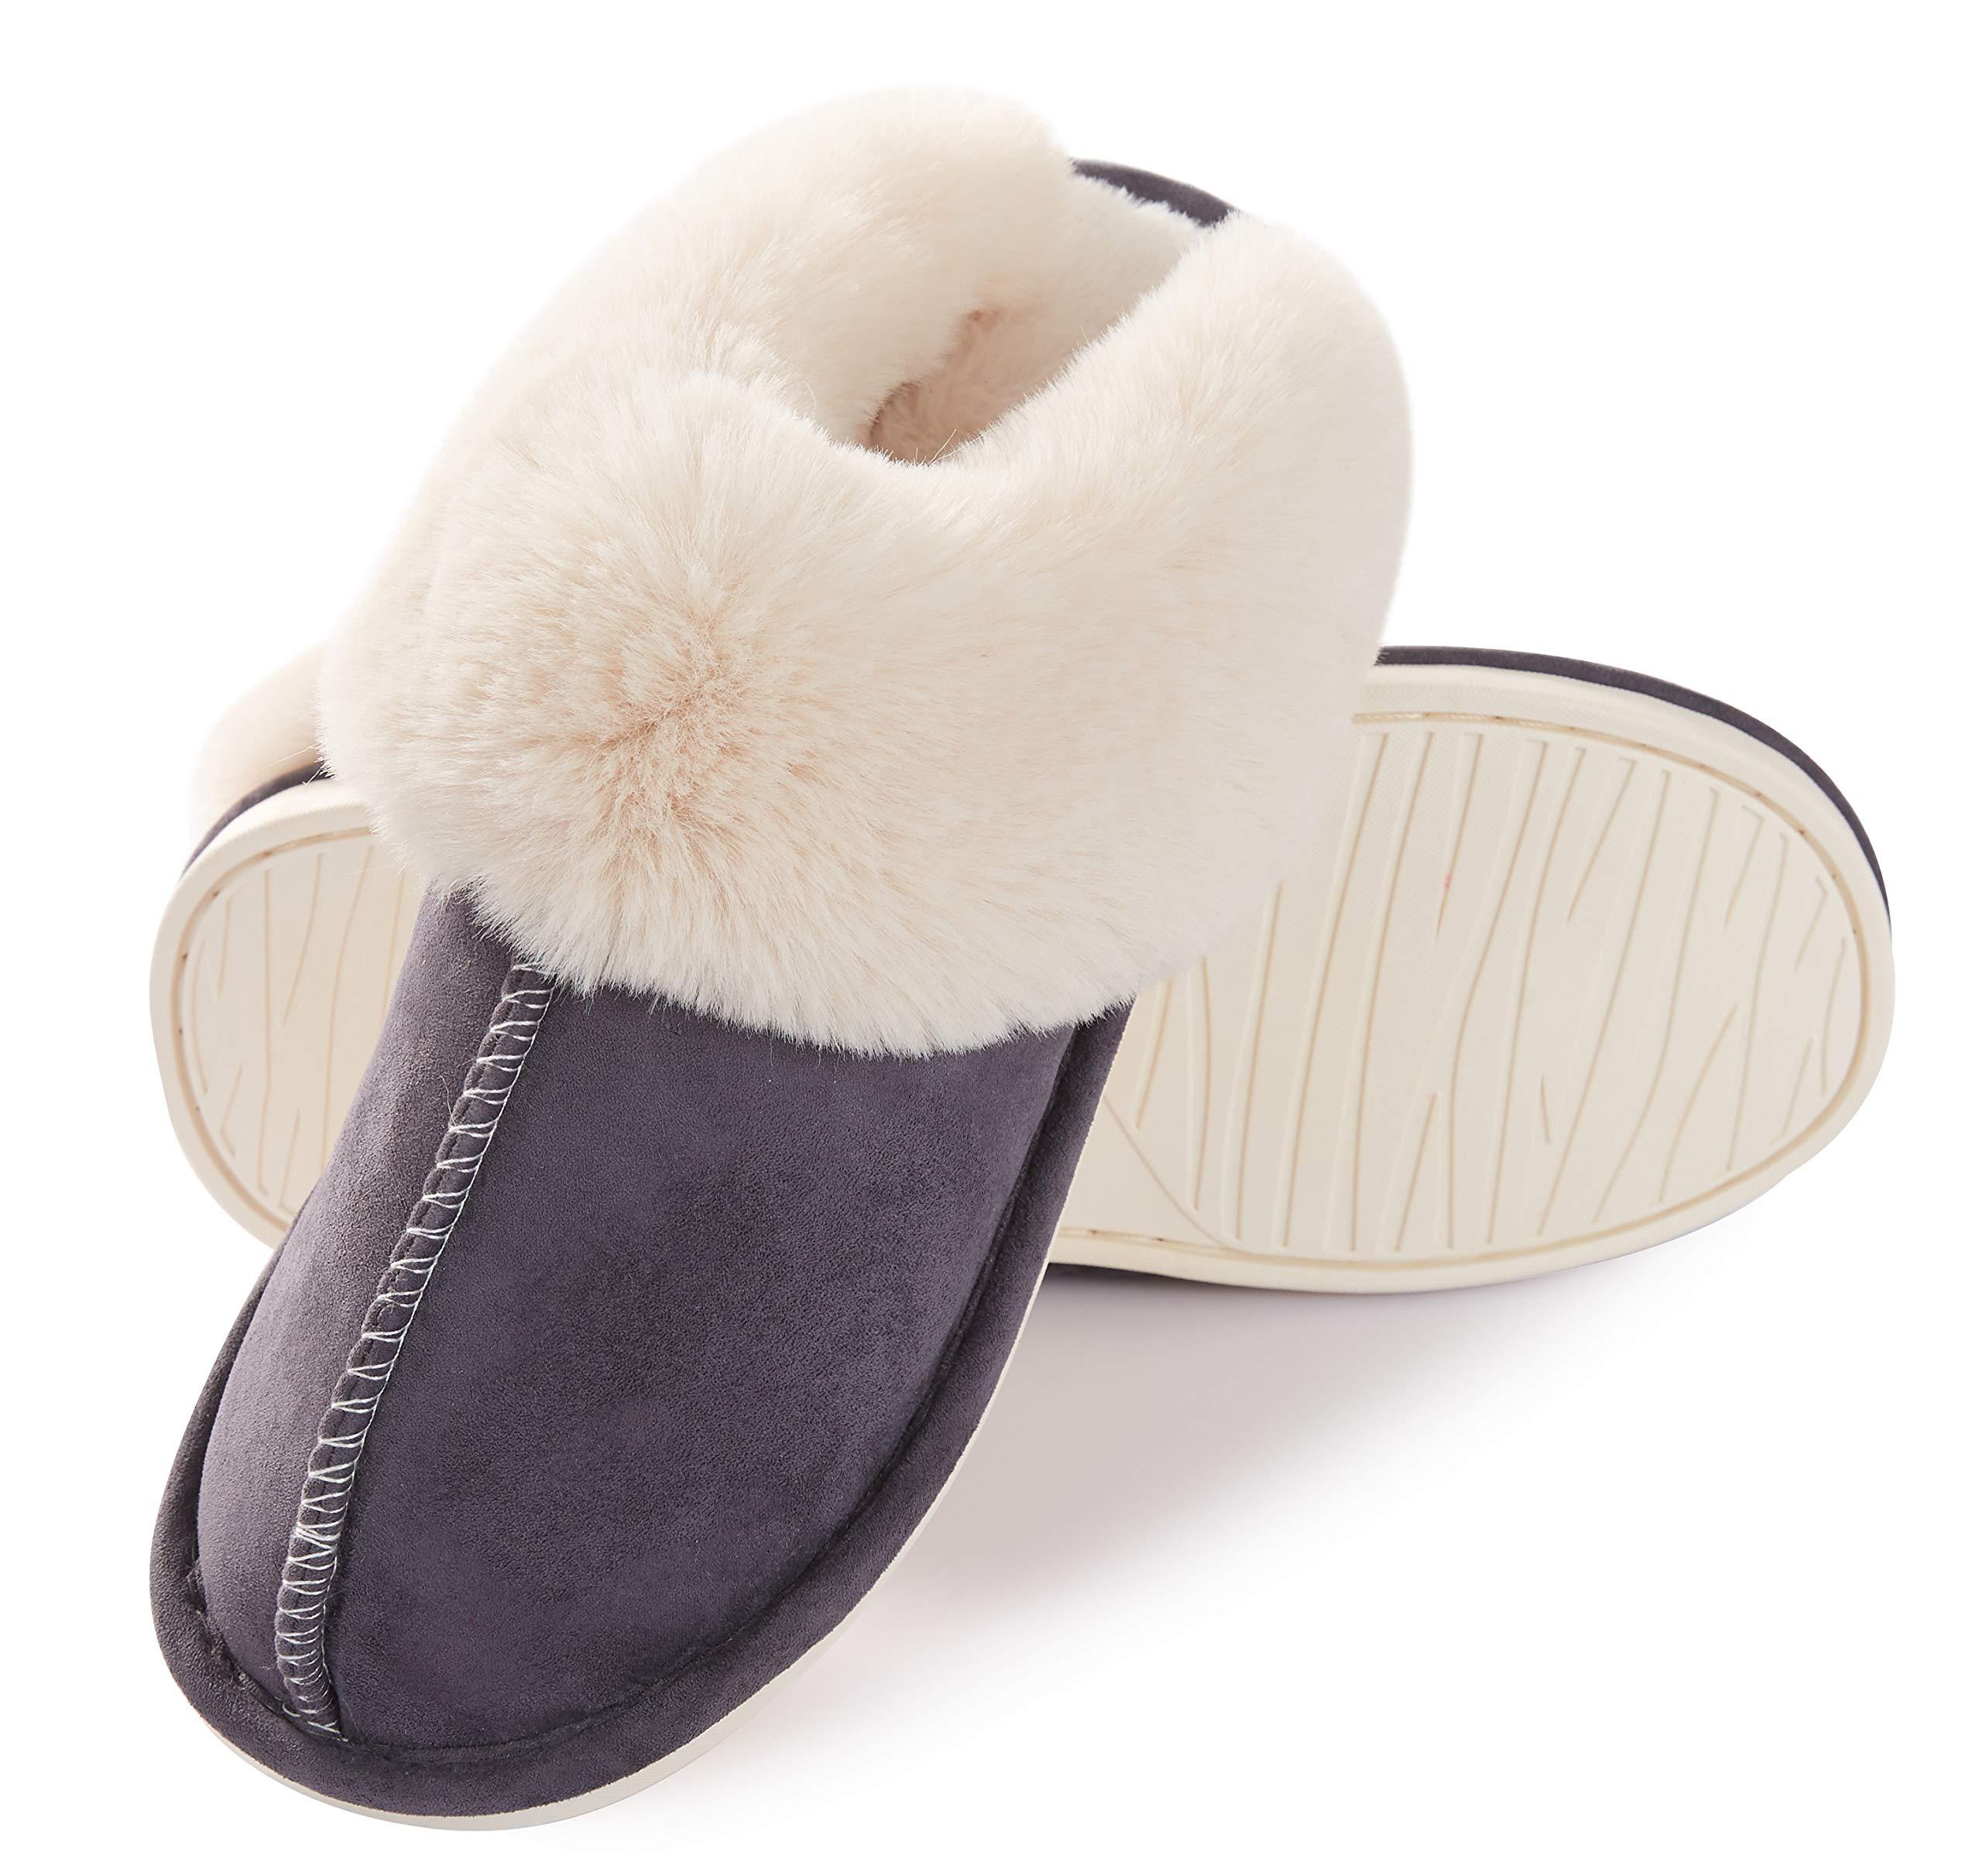 25a5e03d3730e ایگرد - خرید از آمازون | Womens Slippers Memory Foam Fluffy Warm Non ...